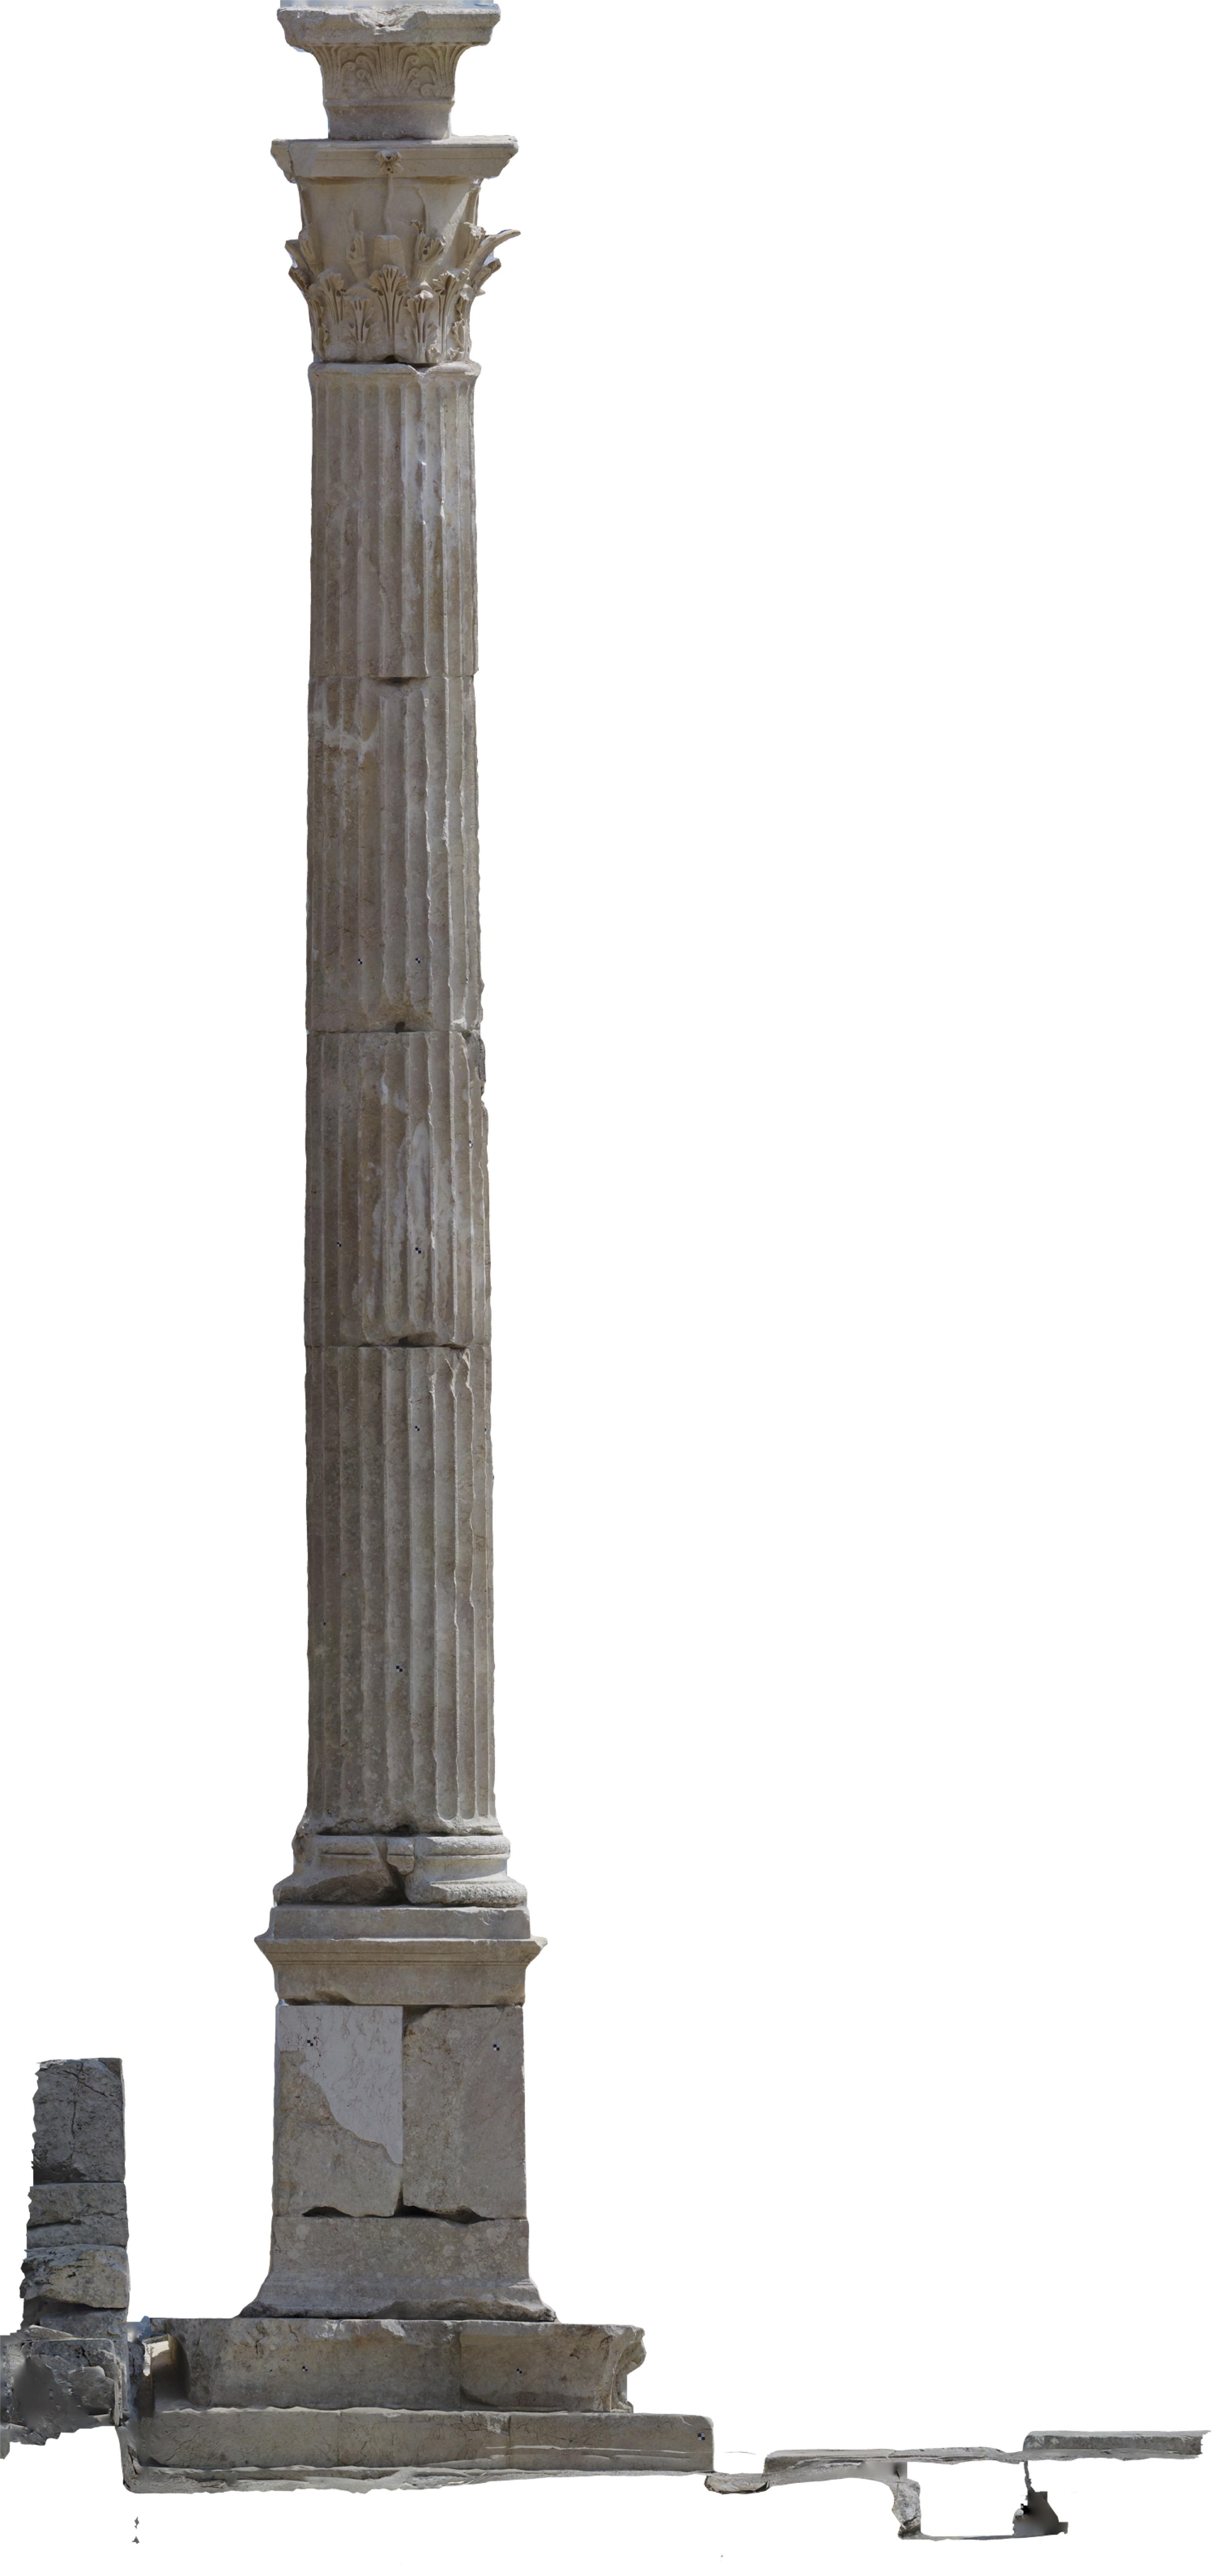 Yukarı Agora'daki güneydoğu onursal sütununun kuzey tarafı.